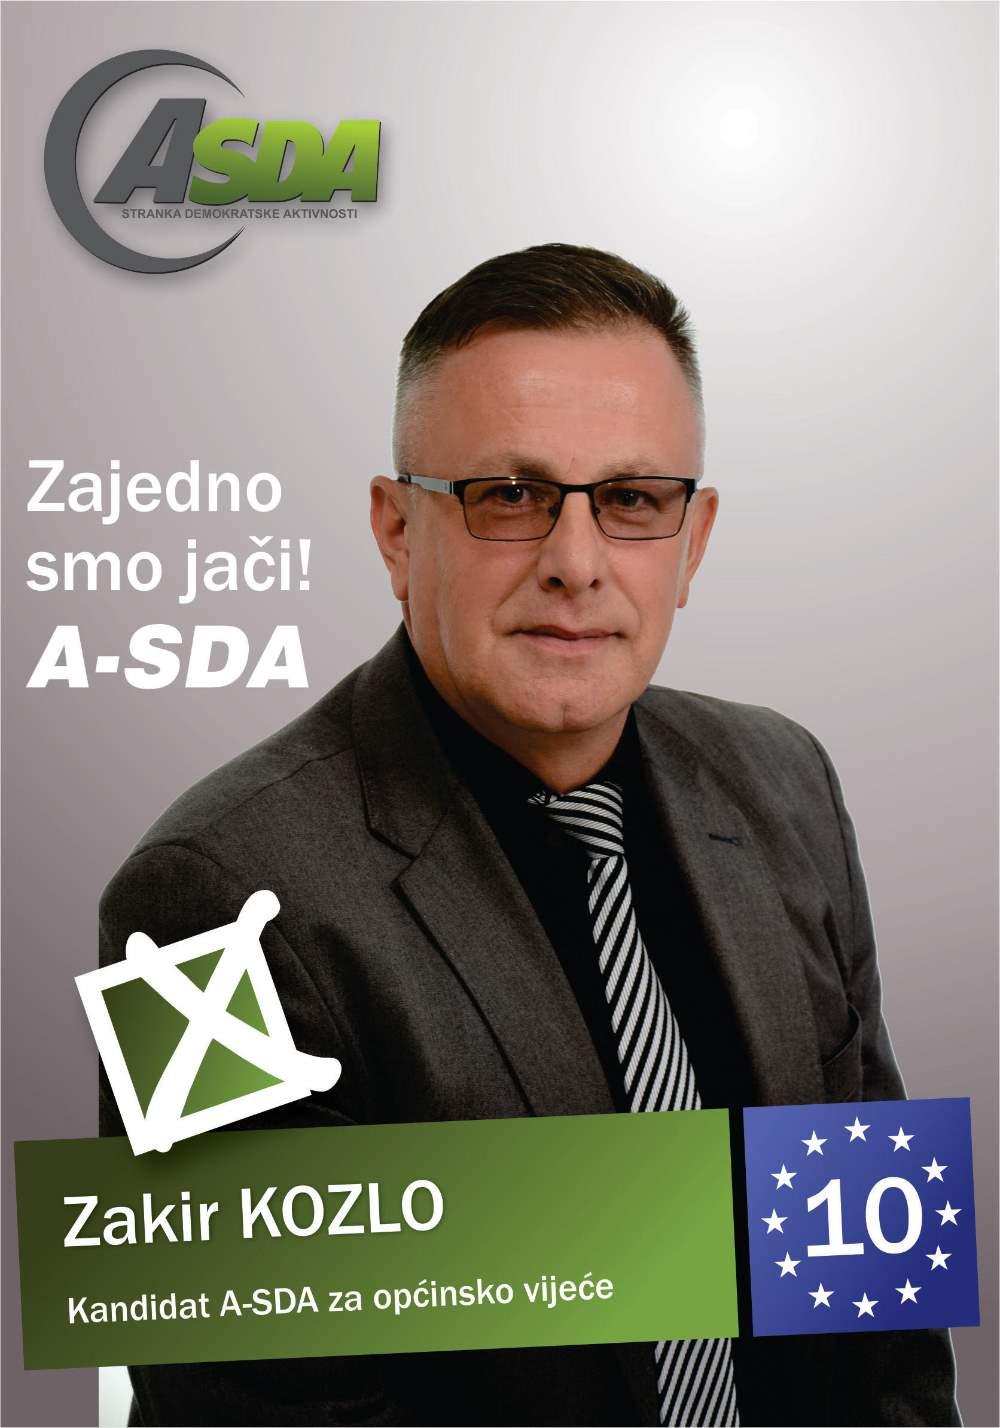 Zakir Kozlo